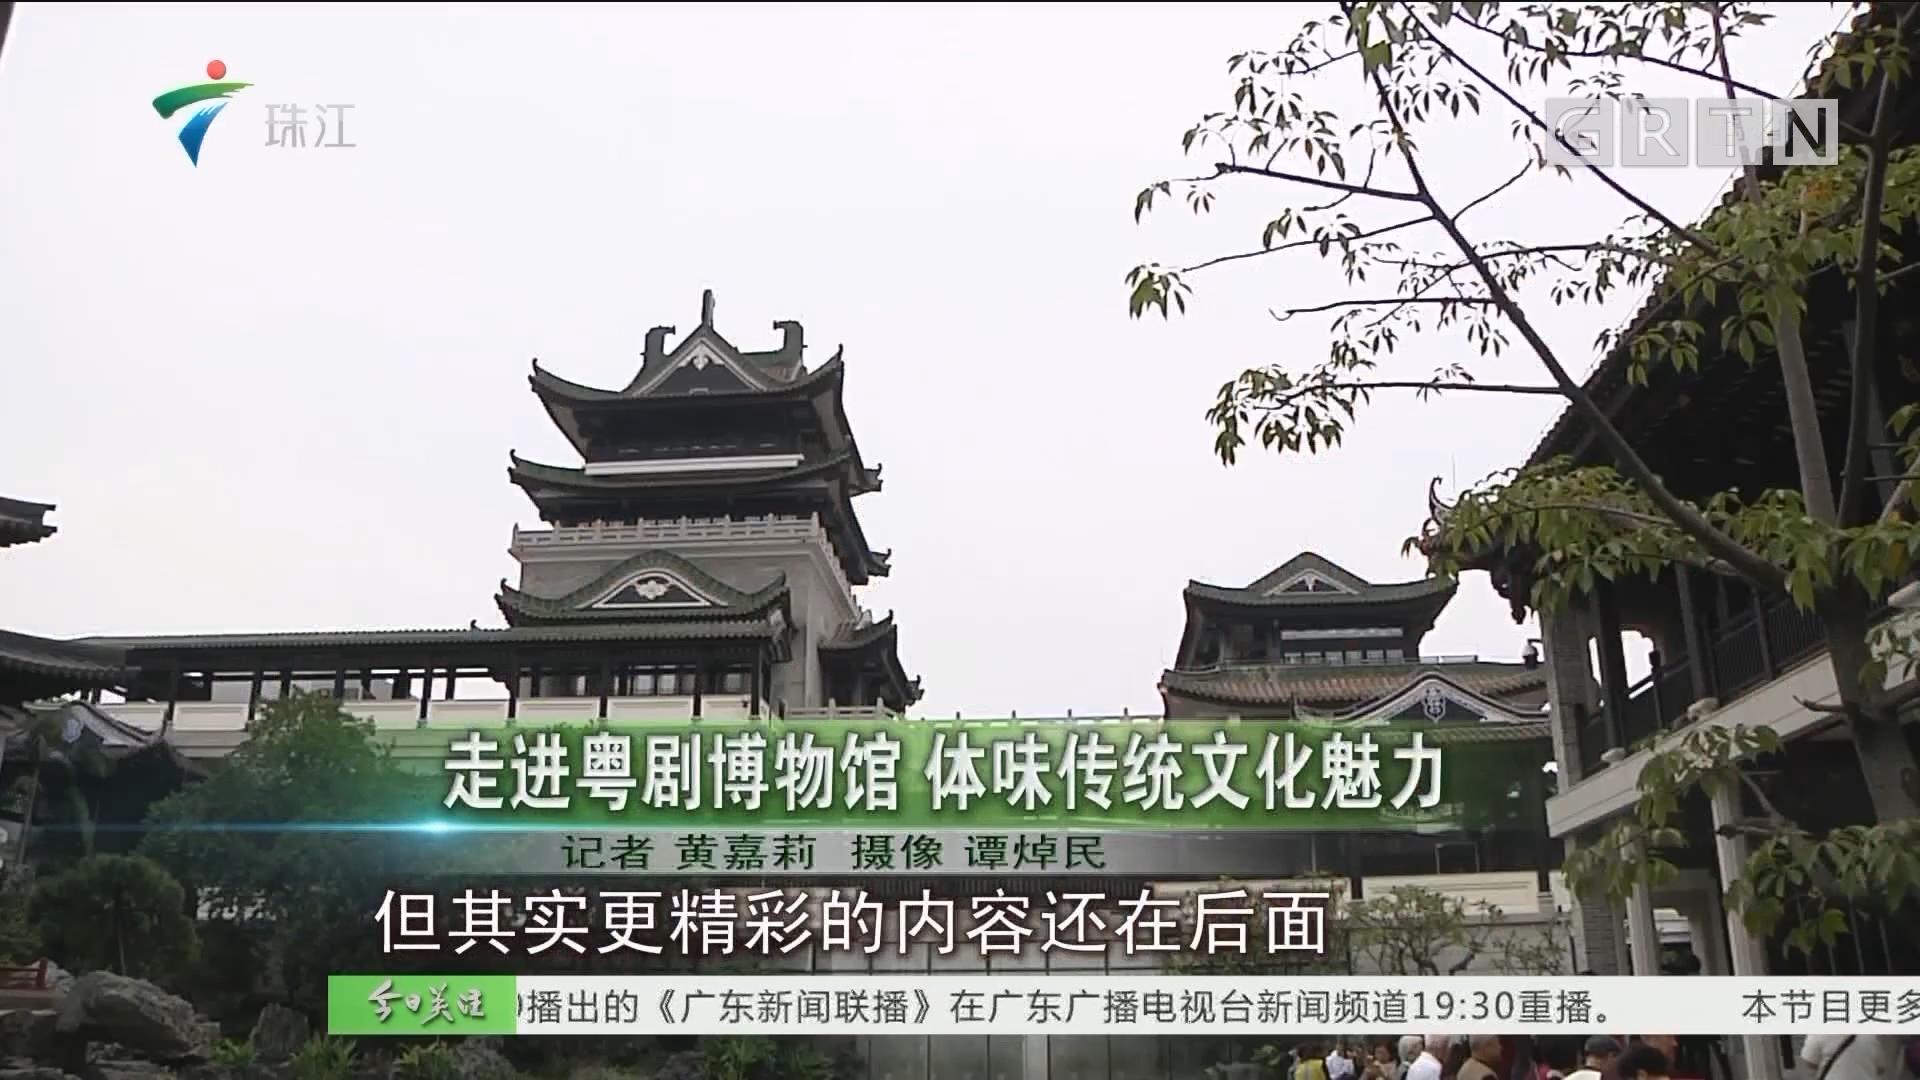 走进粤剧博物馆 体味传统文化魅力